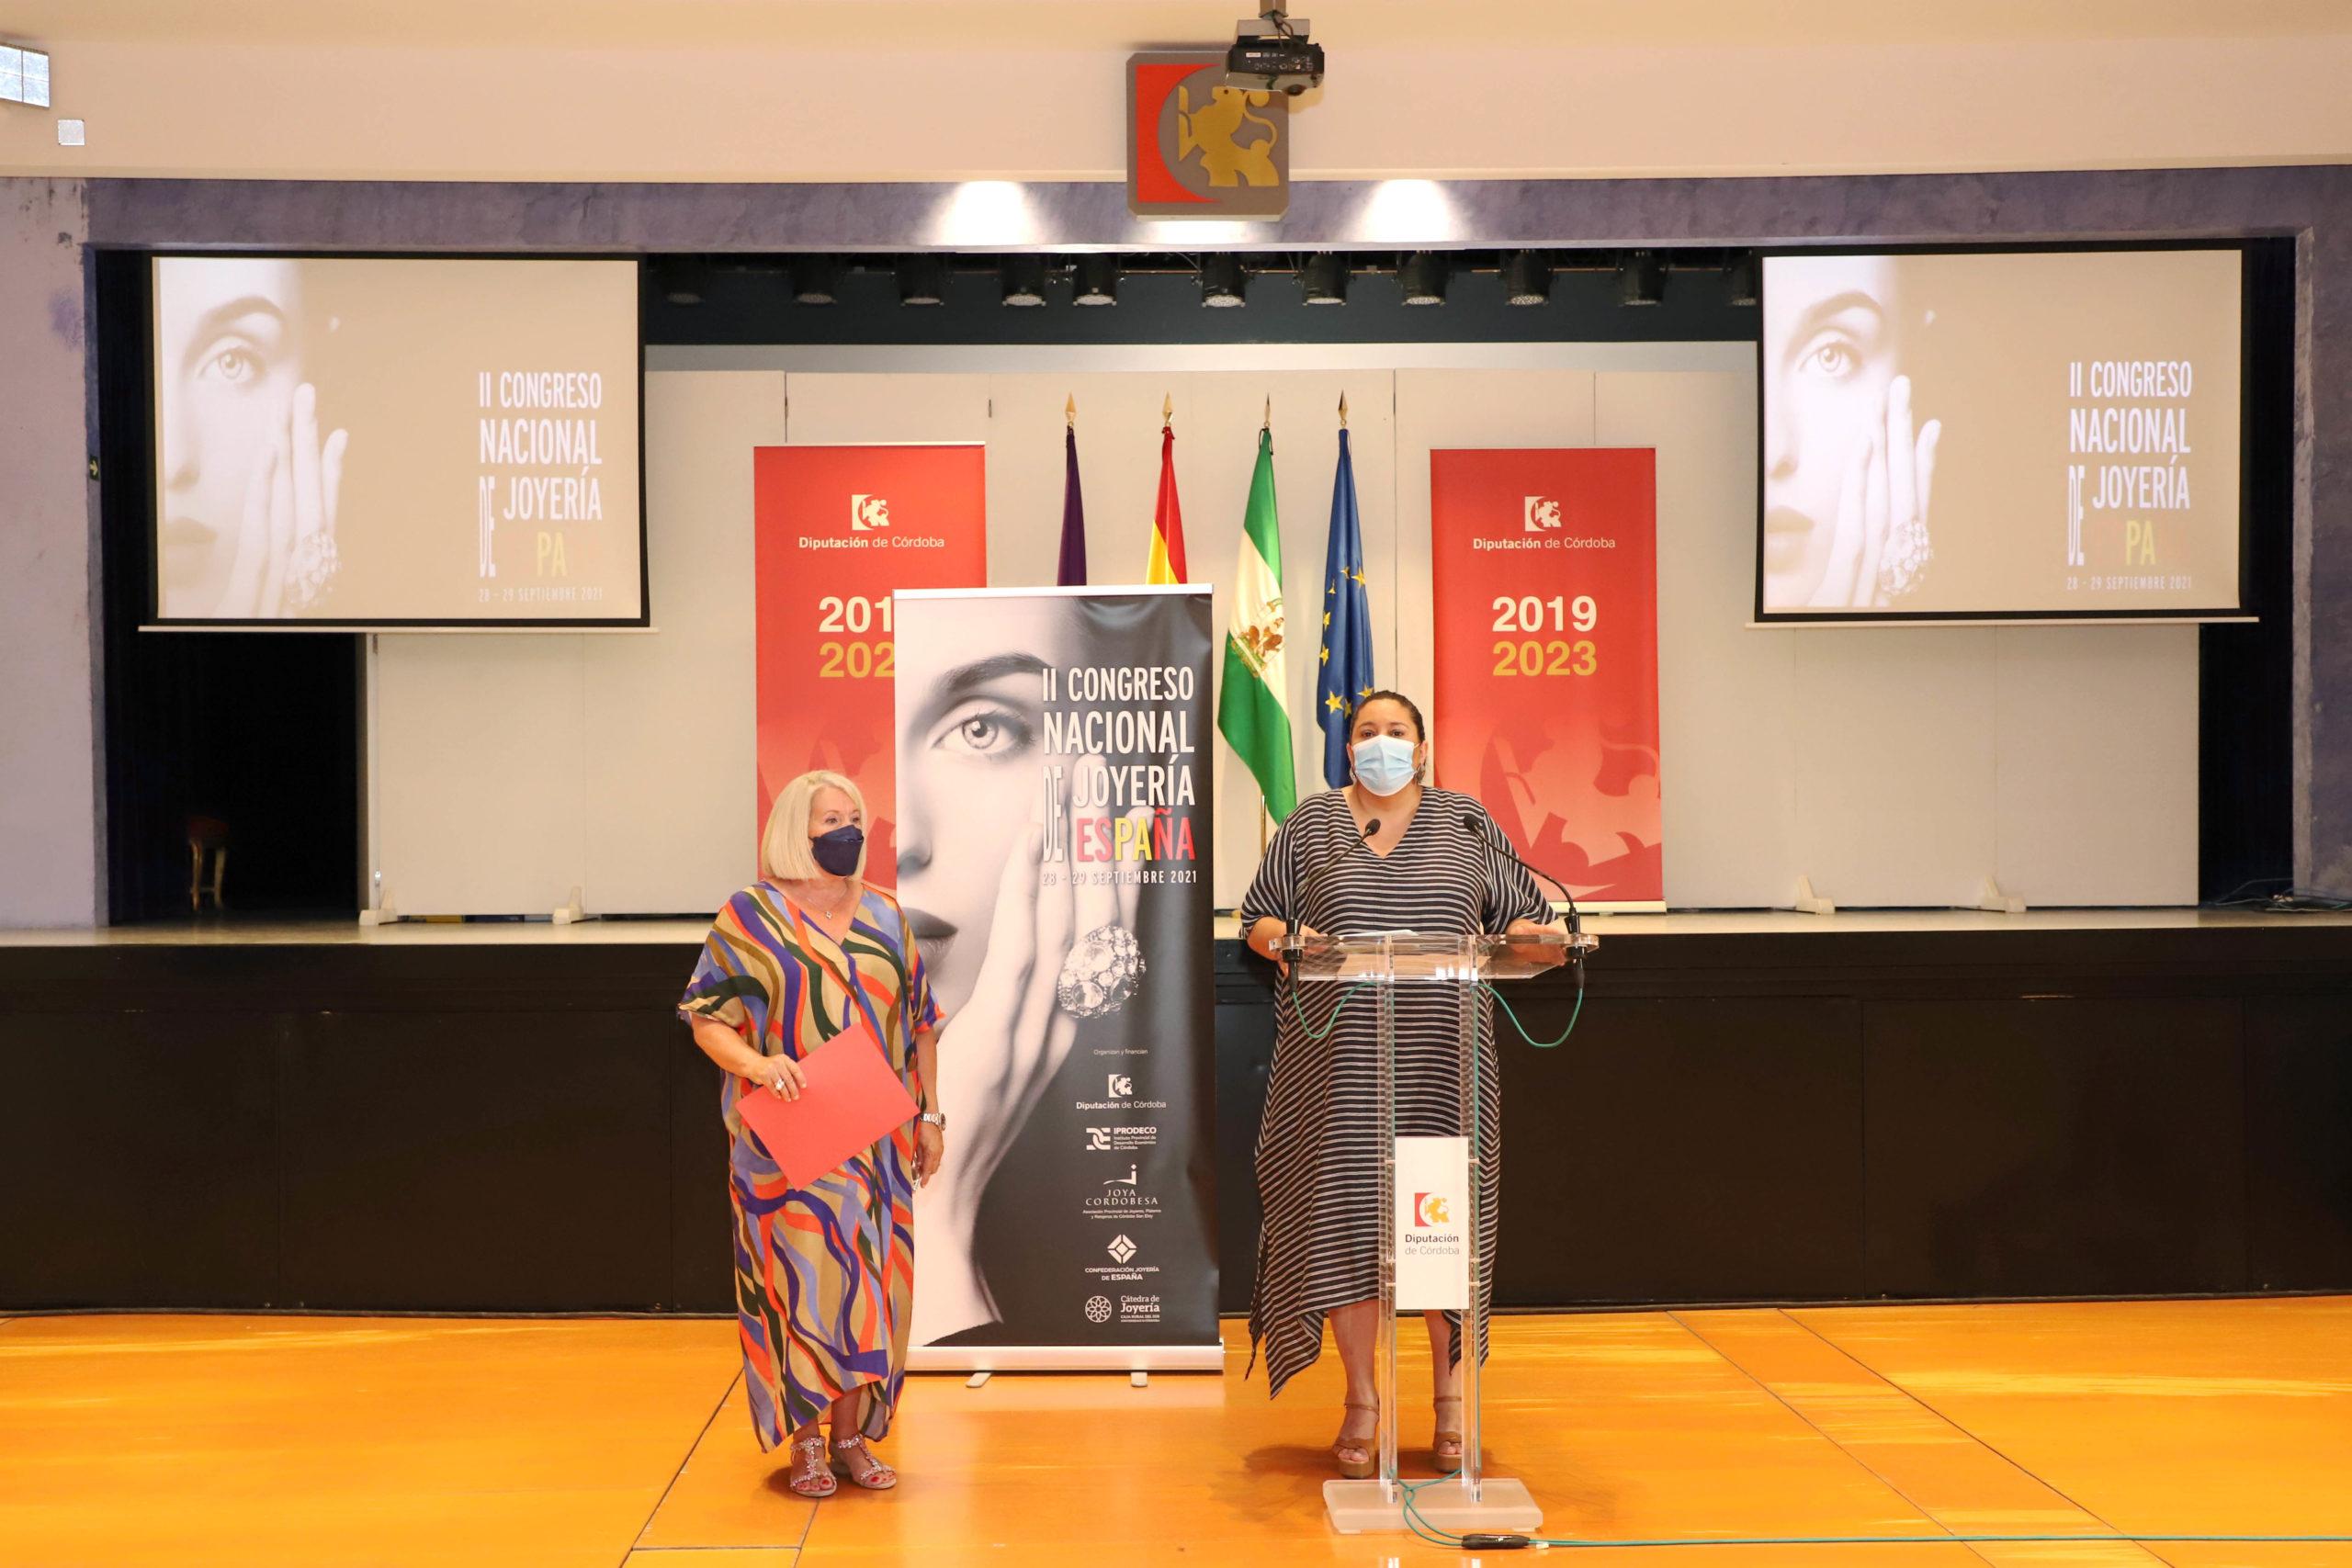 El II Congreso Nacional de Joyería analizará la situación del sector en el momento actual y su incidencia en la economía de la provincia de Córdoba